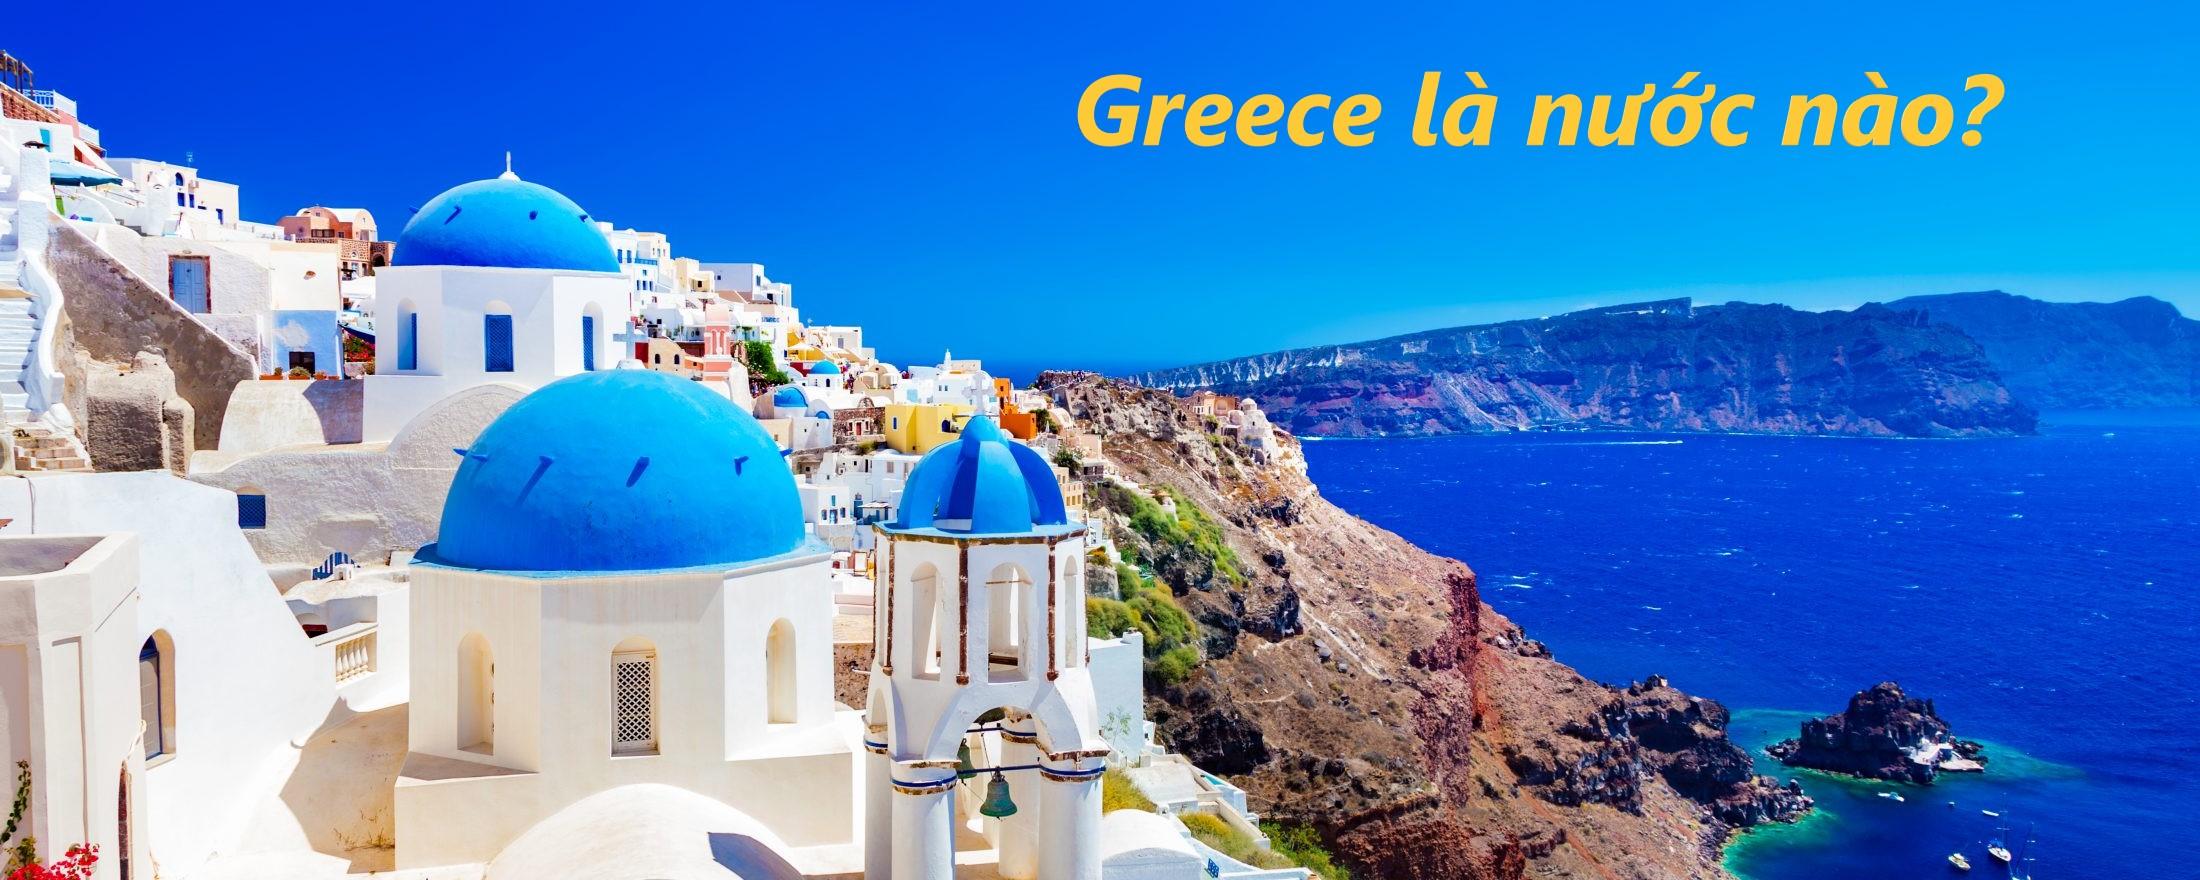 Greece là nước nào?